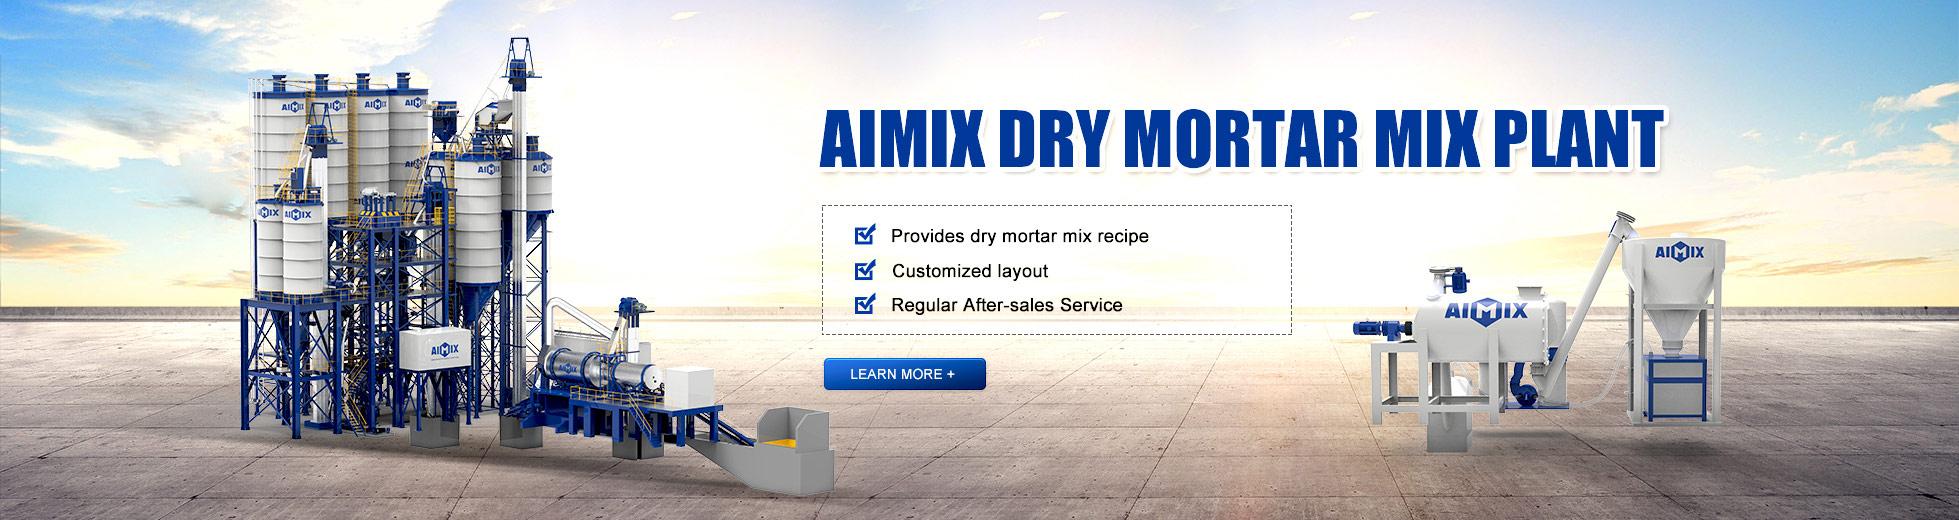 Aimix Dry Mix Mortar Plant